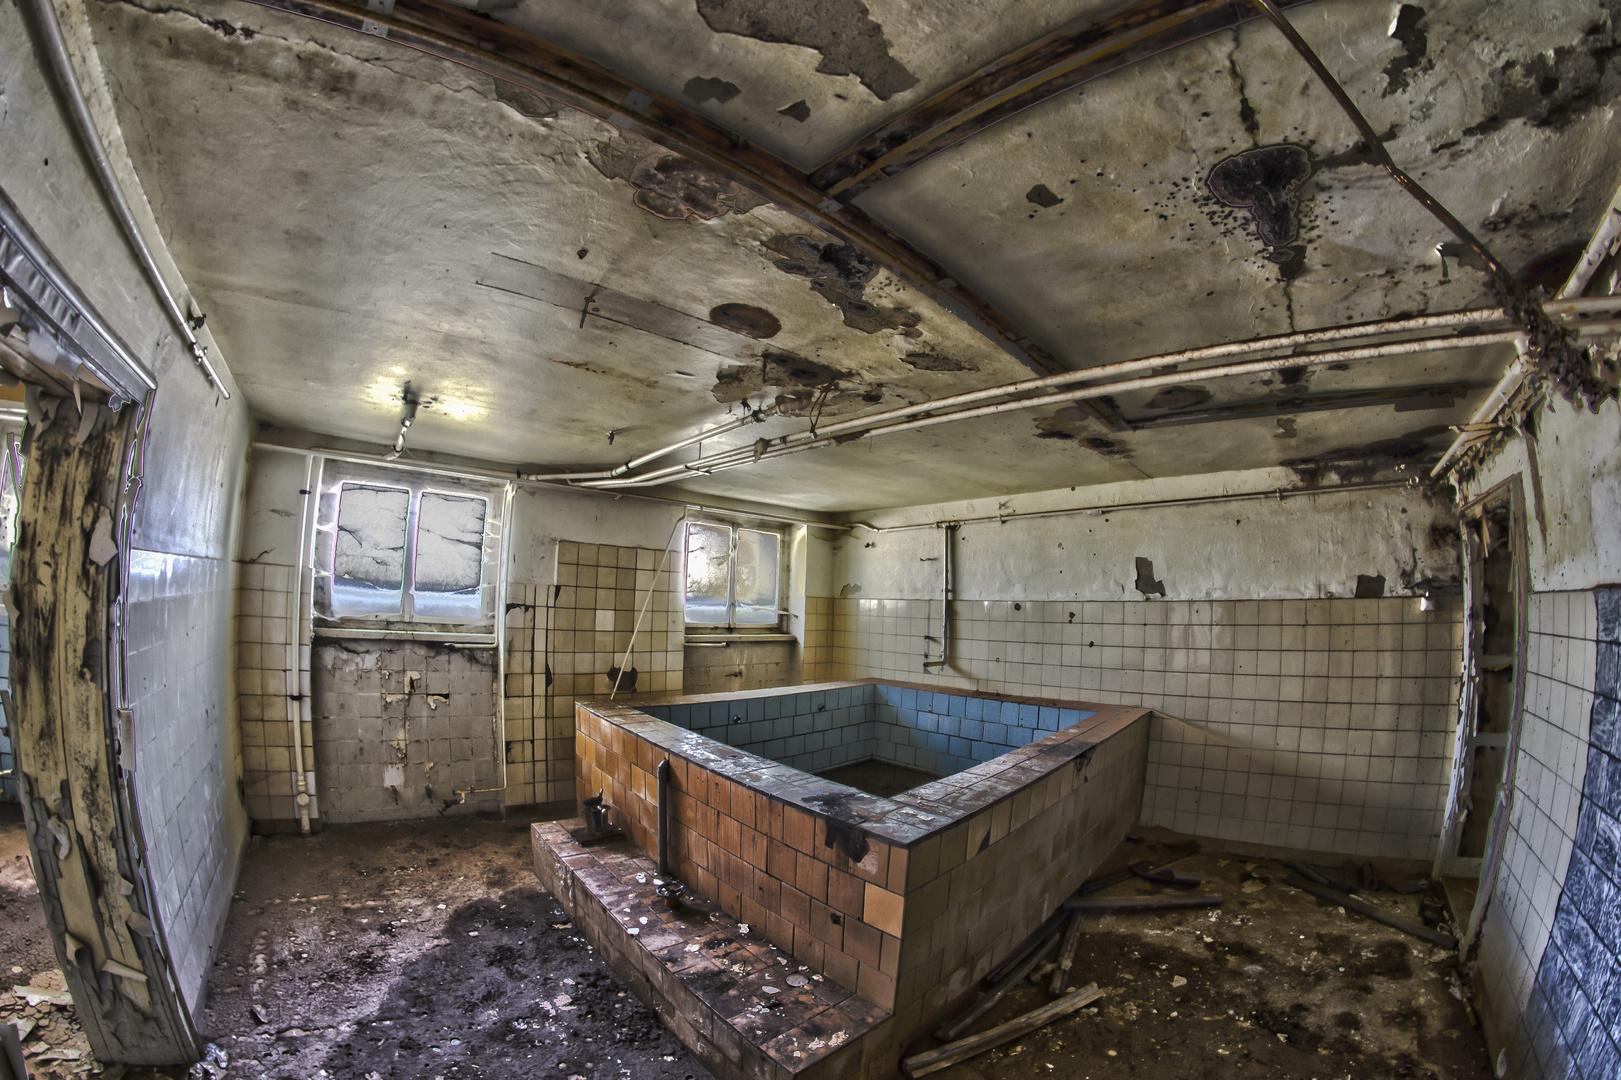 Fantastisch Krankenhaus Aufnehmen Fotos - Beispiel Wiederaufnahme ...